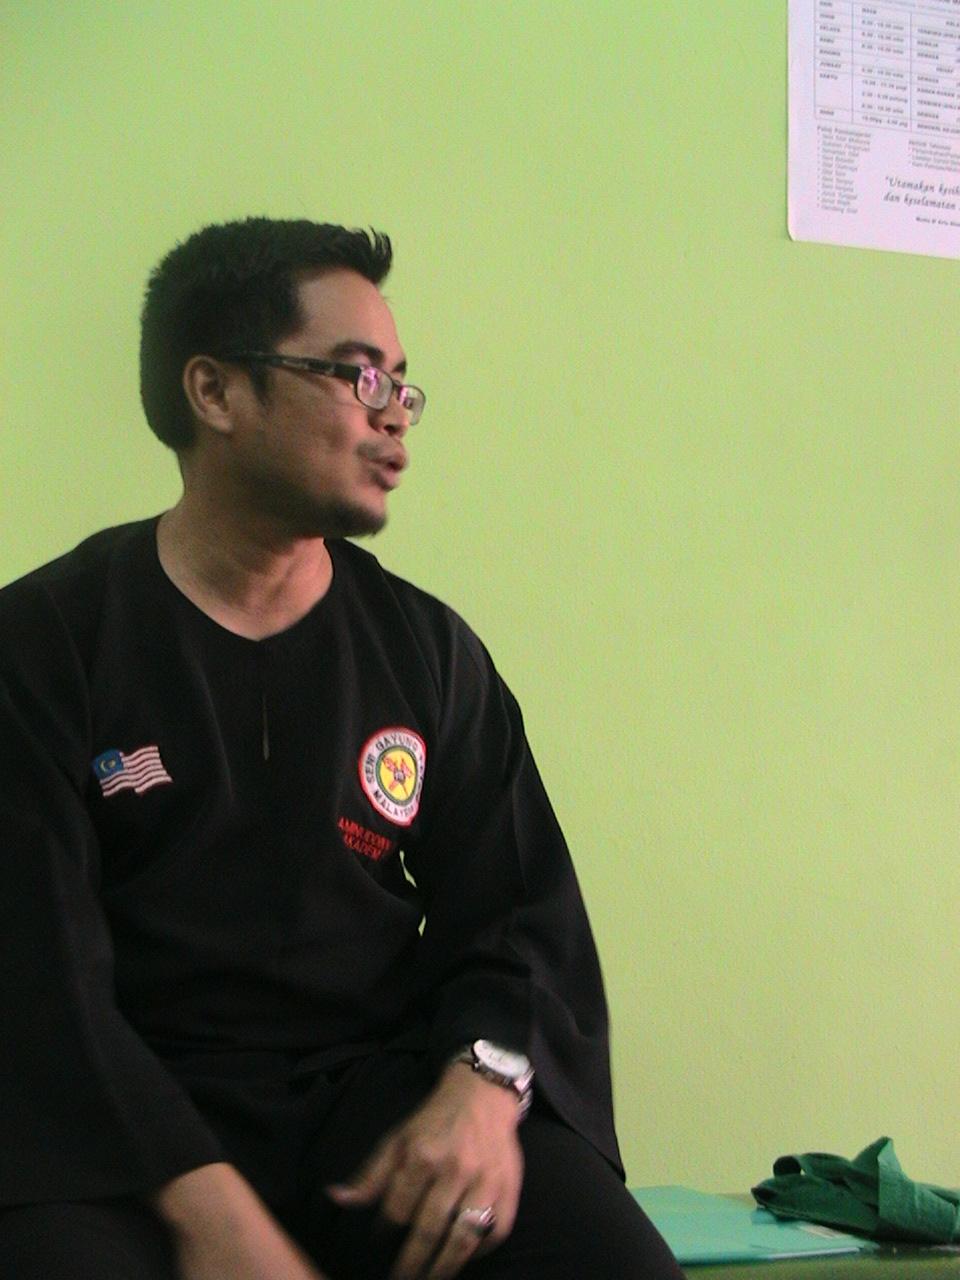 Silat Asas Kemahiran dan Ikhtiar Hidup Oleh : Guru Aminuddin Tarikh : 29 Julai 2009 Salam hormat kepada semua pelajar silat Gayung Fatani di seluruh dunia. Wah kenapa sebut 'seluruh […]